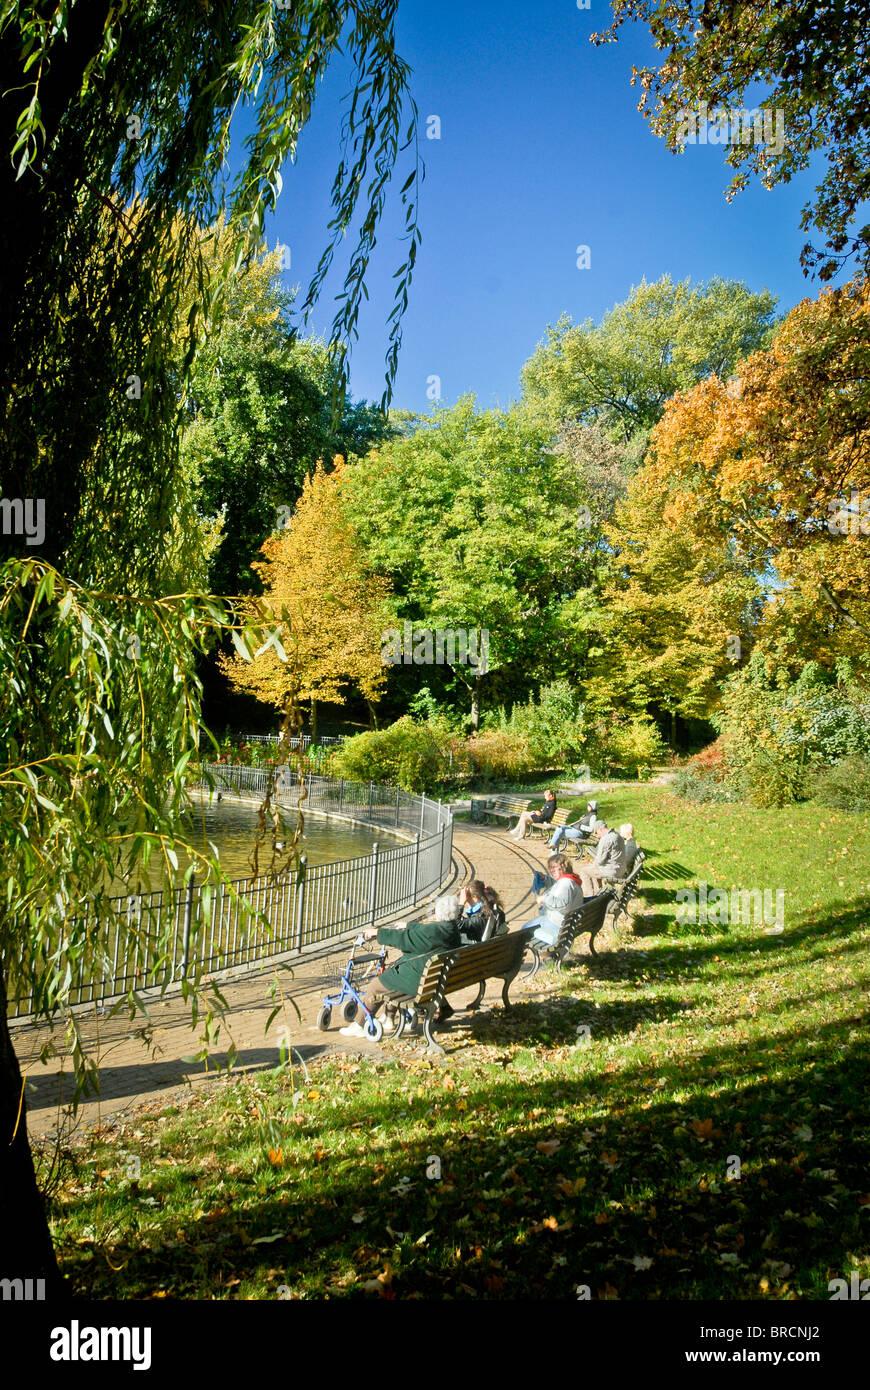 volkspark Fredrichshain, Berlin - Stock Image